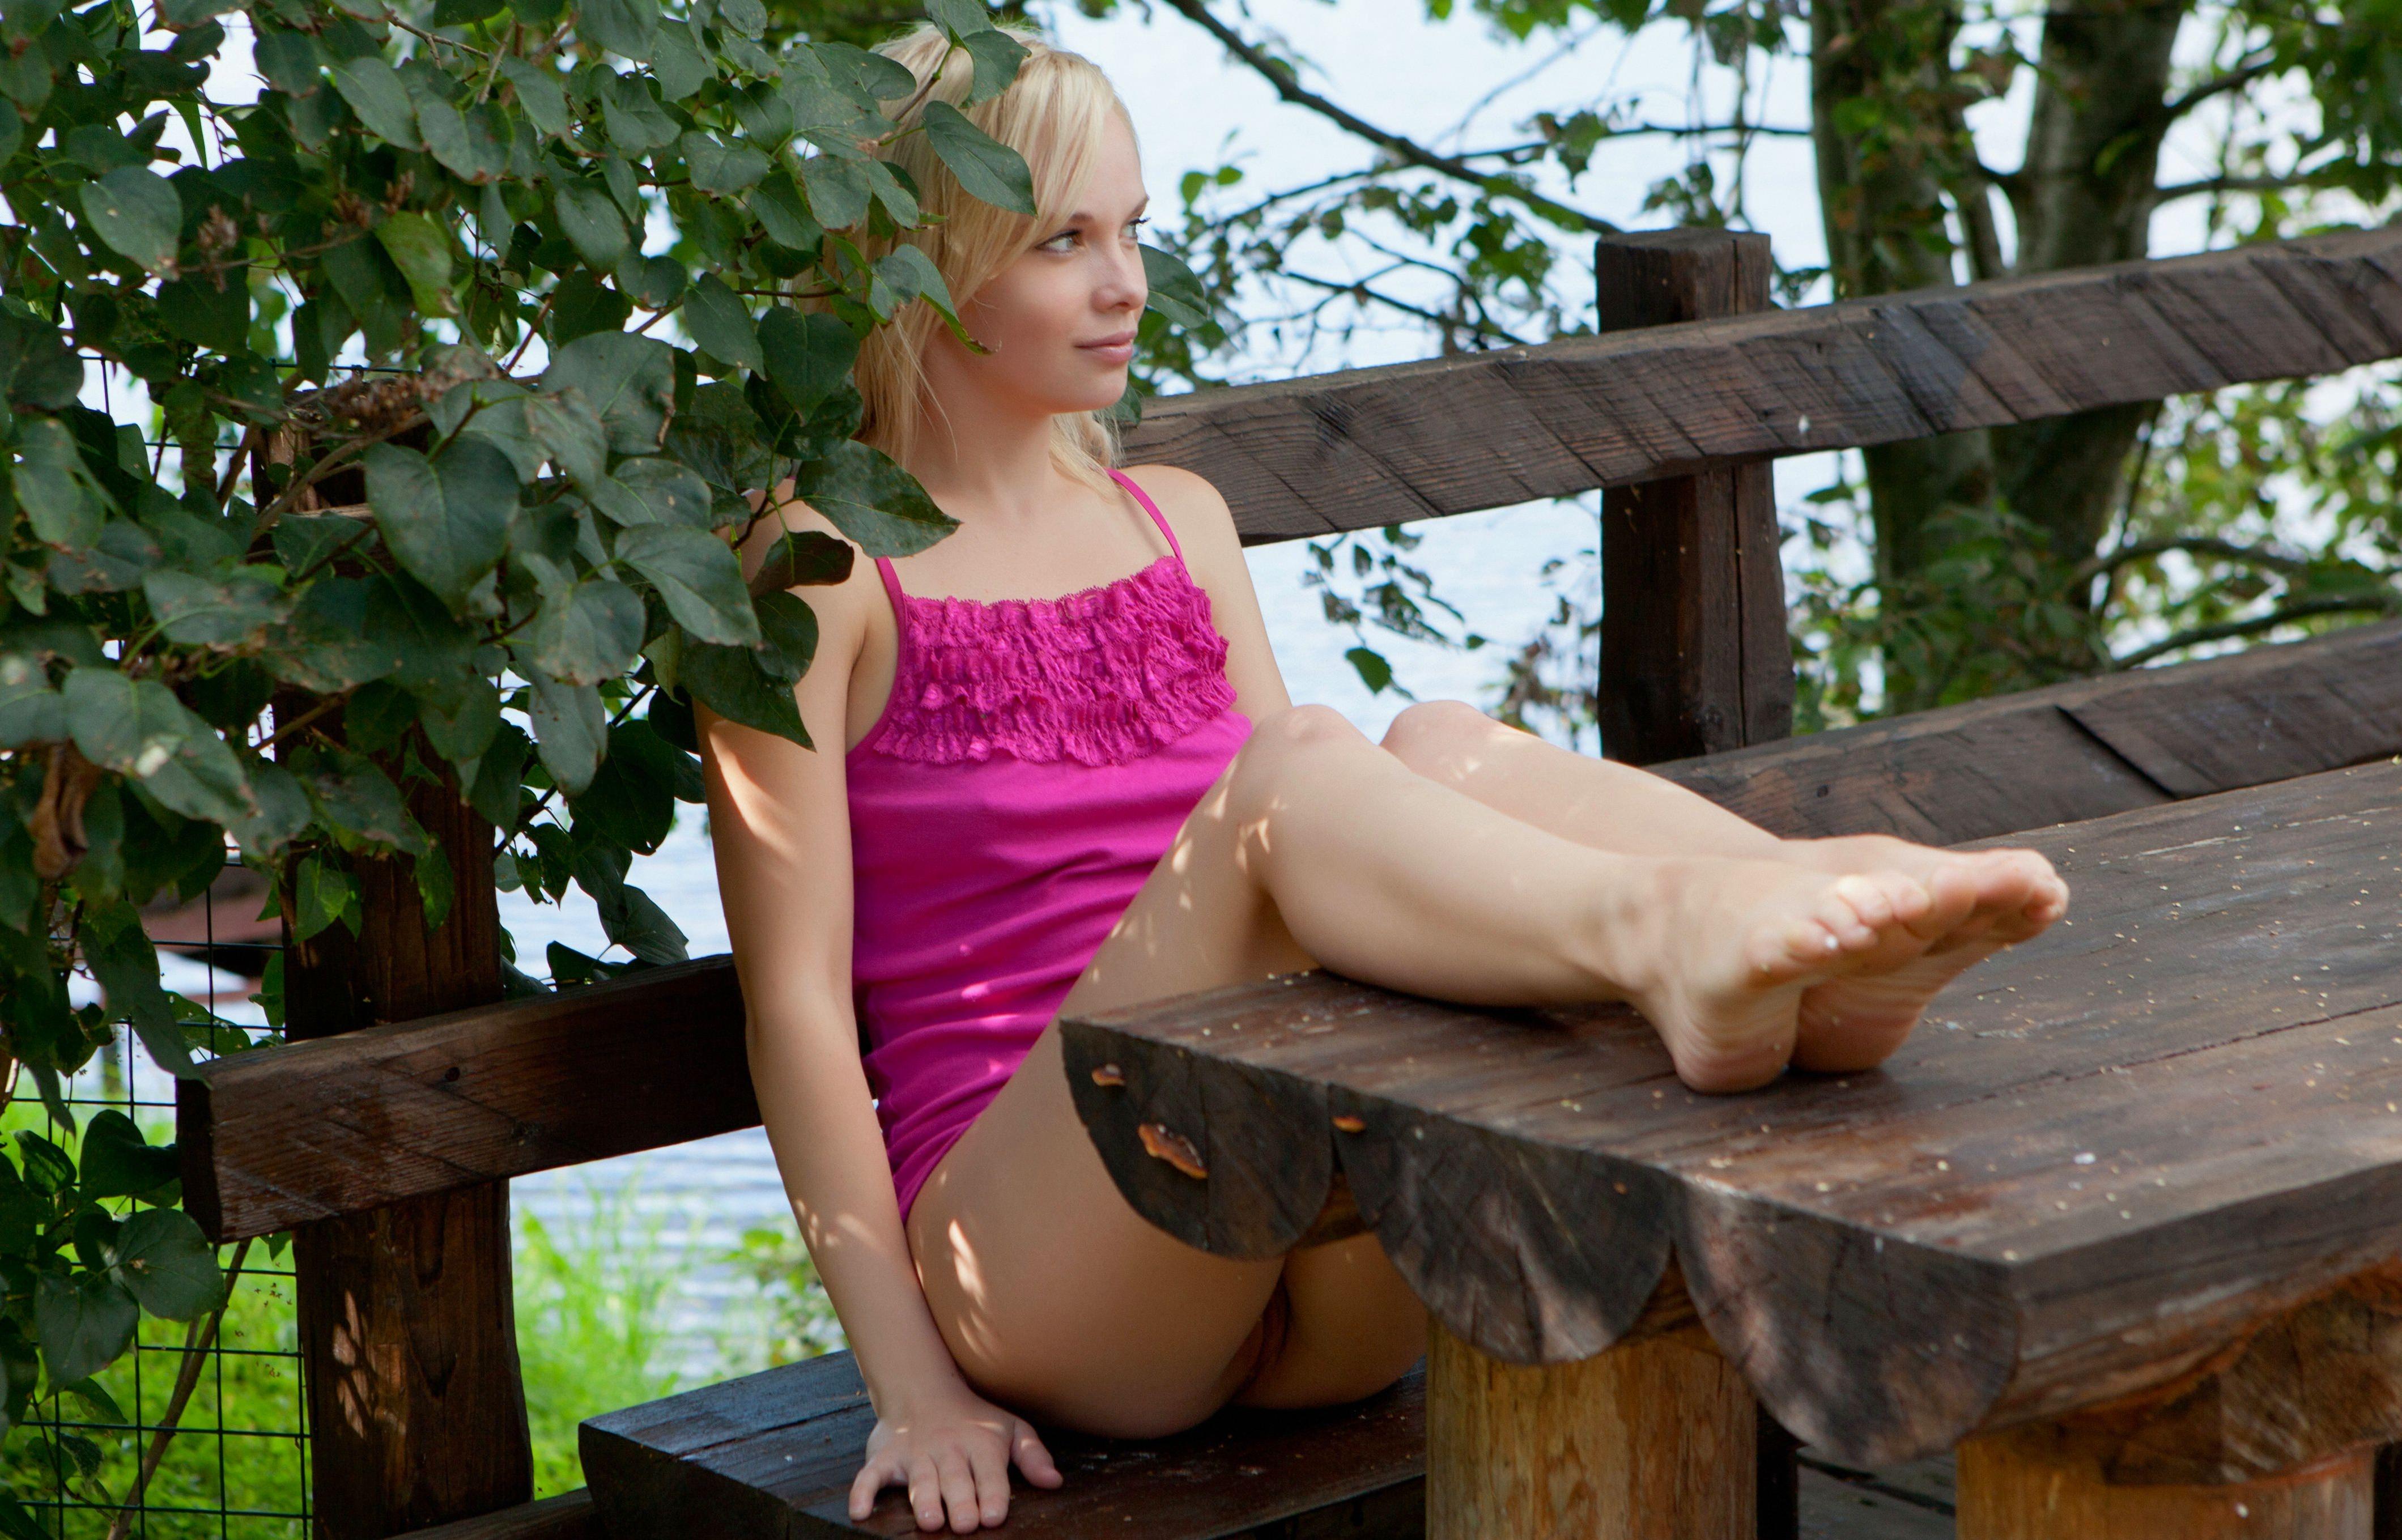 Фото Раскрепощенная молодая блондинка в розовой майке, девушка положила ноги на стол, на надела трусики, девушка на природе. Young girl put feet on a table, legs, garden, wood bench, pink undershirt, no panties, green leaves, скачать картинку бесплатно